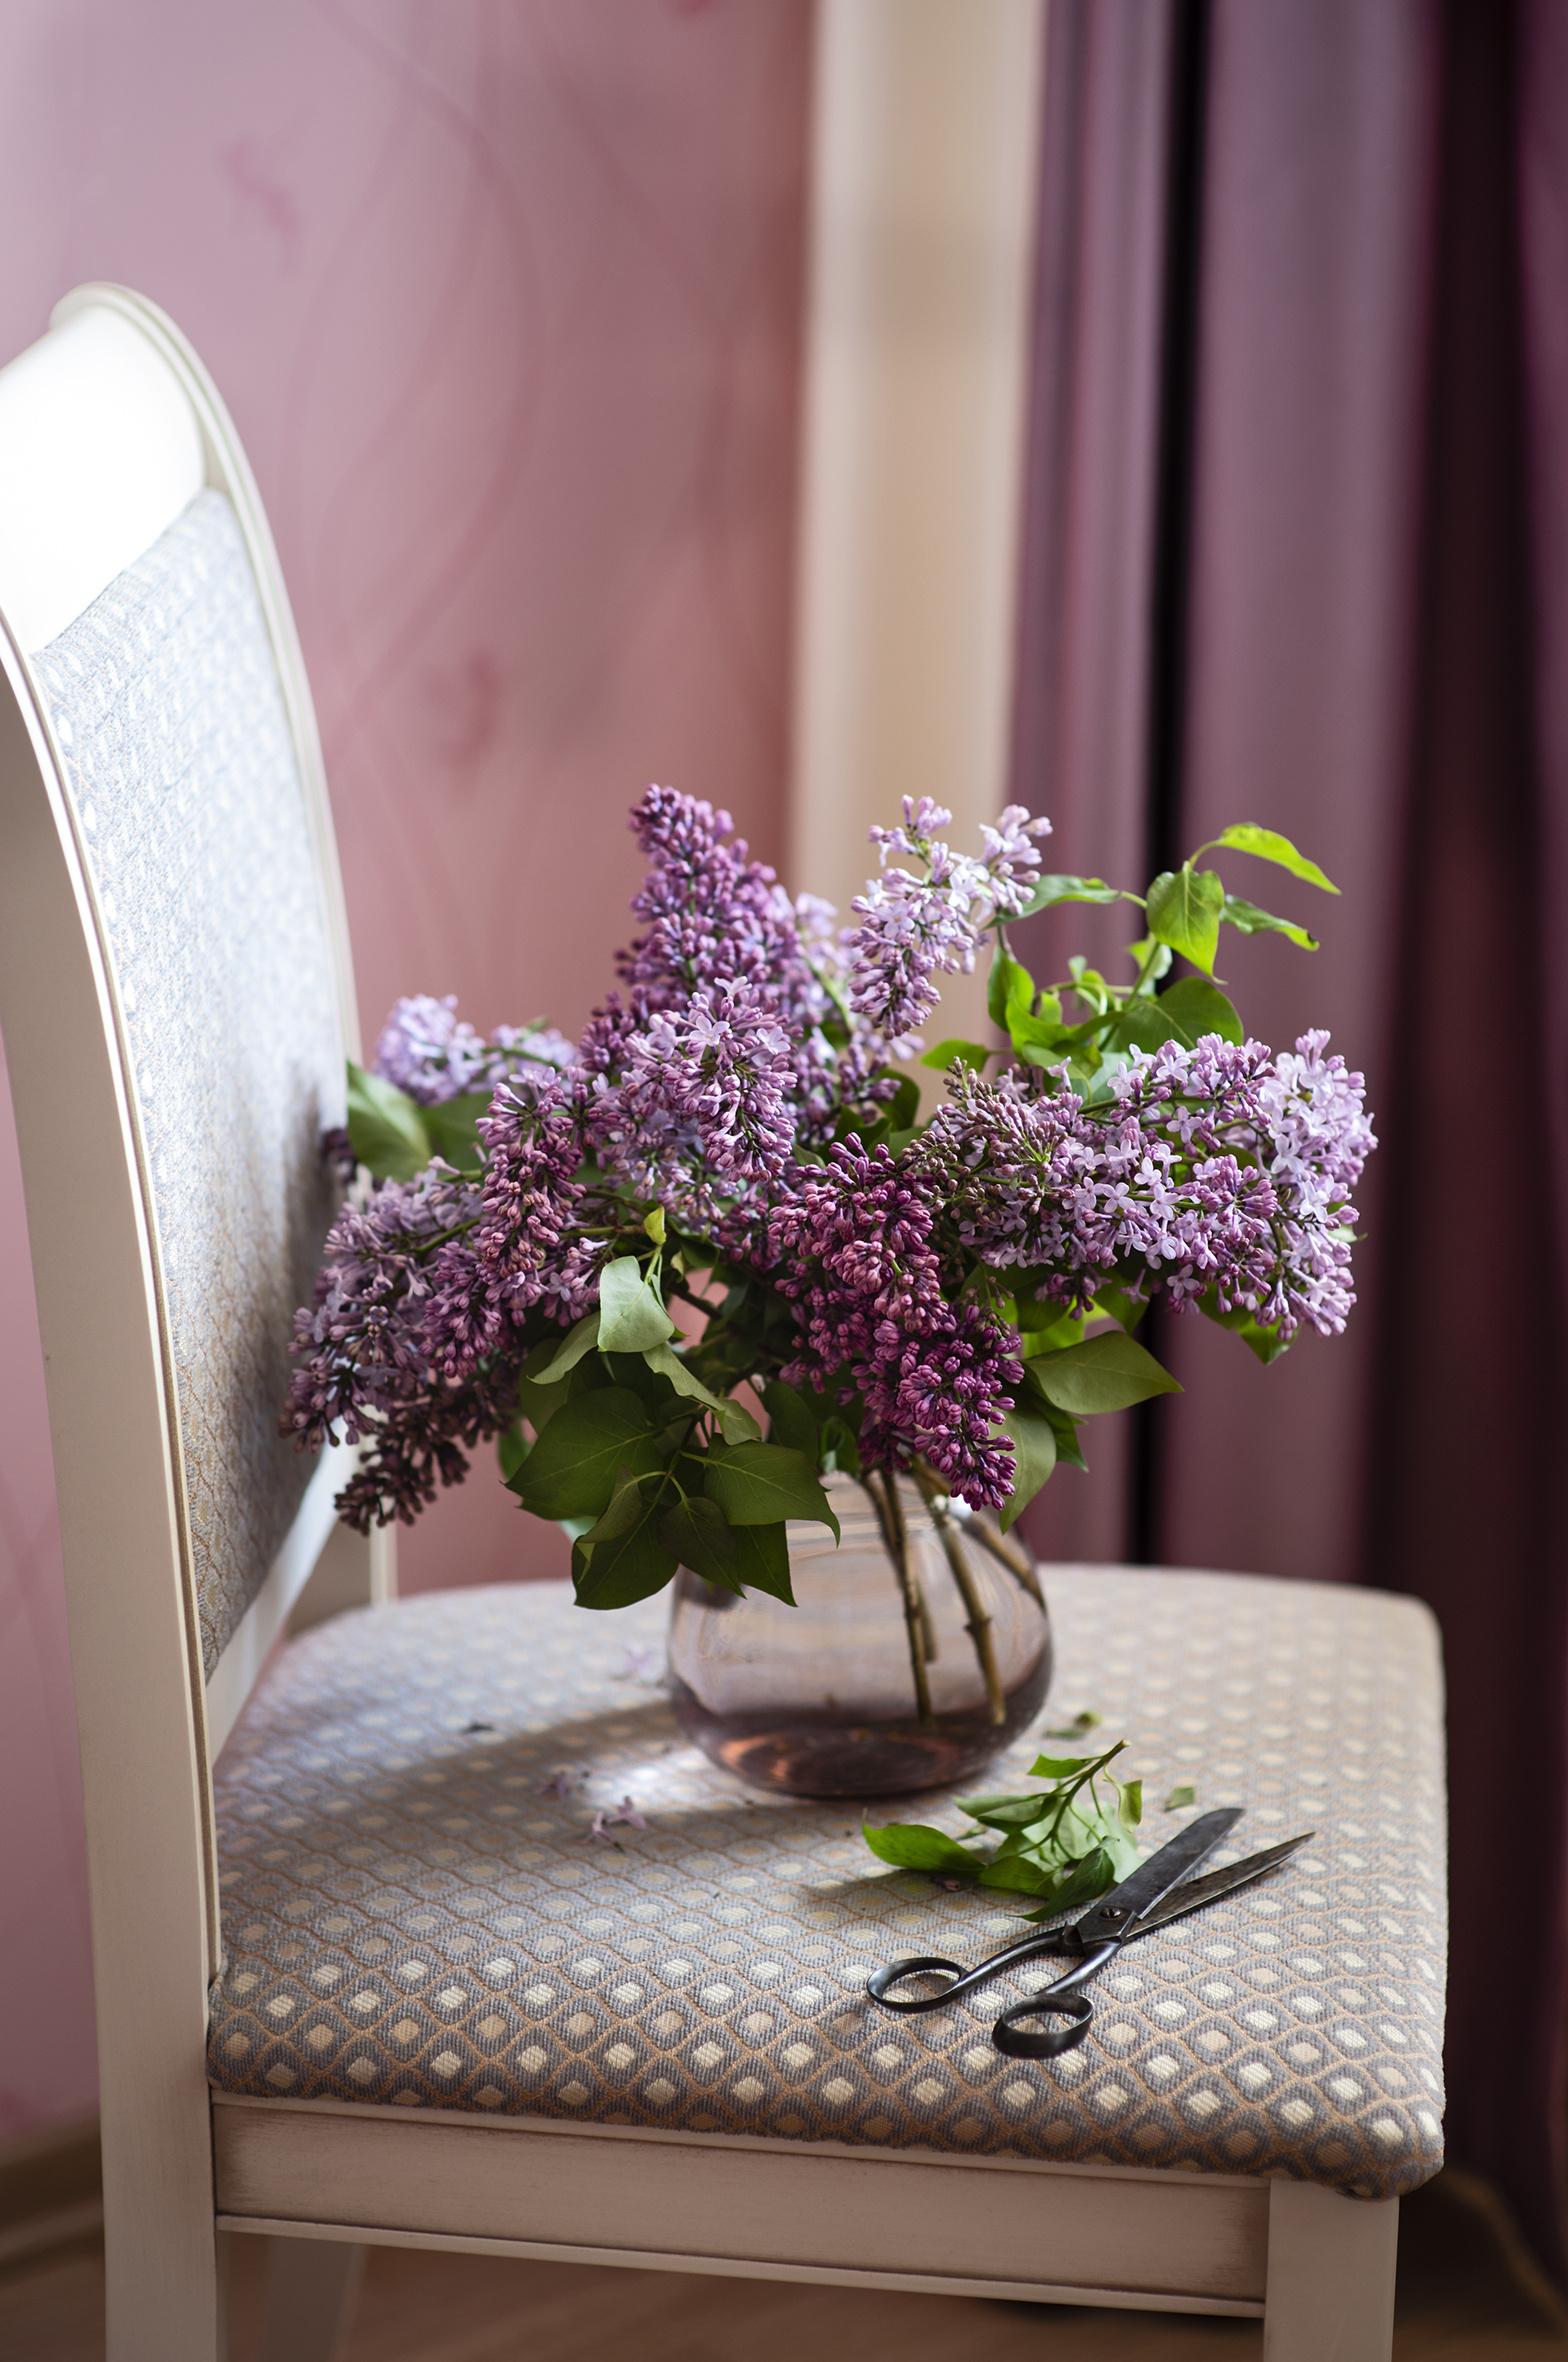 Фотографии Цветы Сирень вазе Стулья  для мобильного телефона цветок стул Ваза вазы